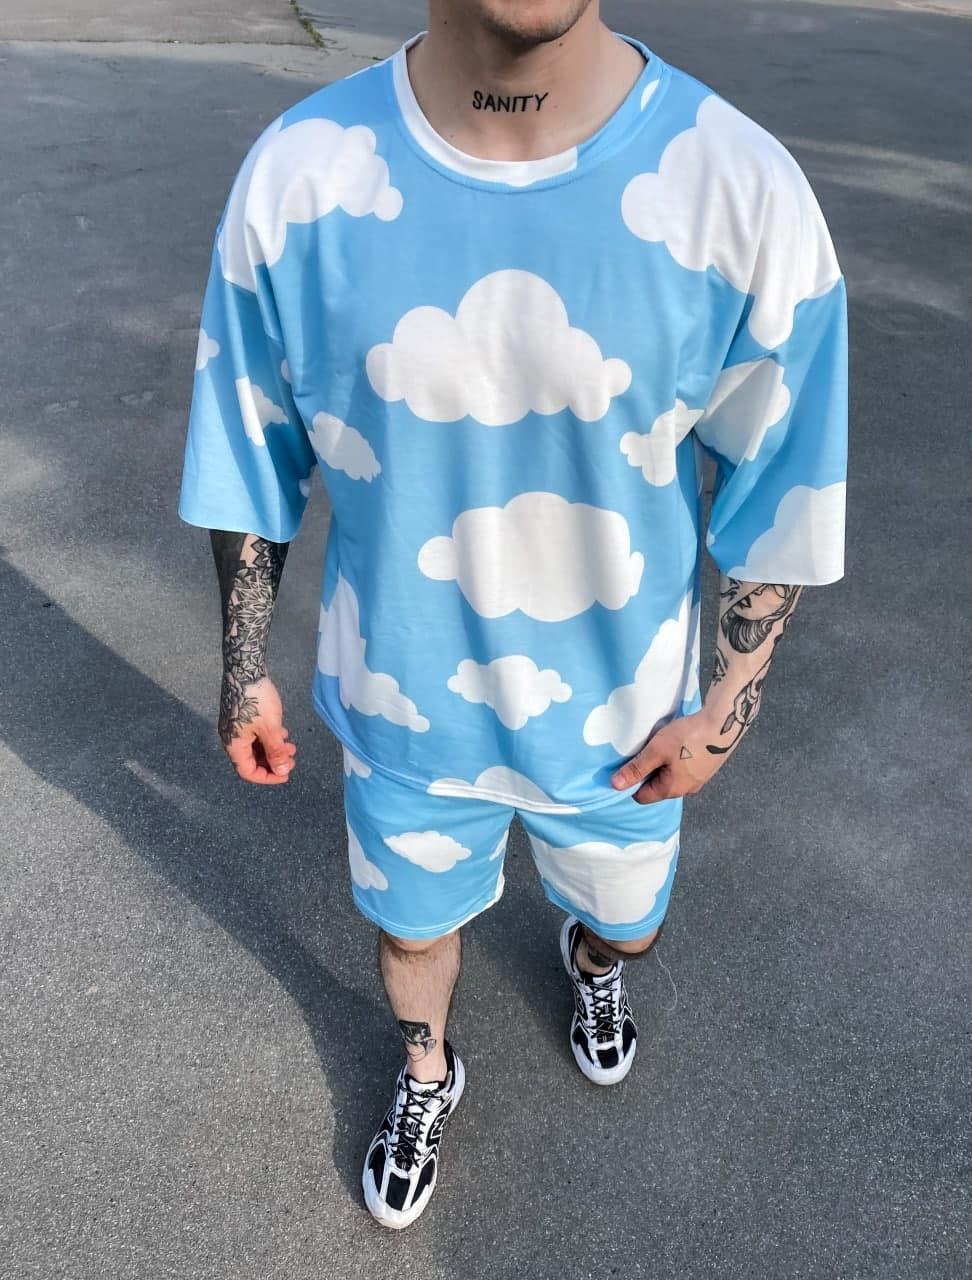 Чоловічий комплект шорти + футболка (синьо-білий) з хмарами на літо Sk49